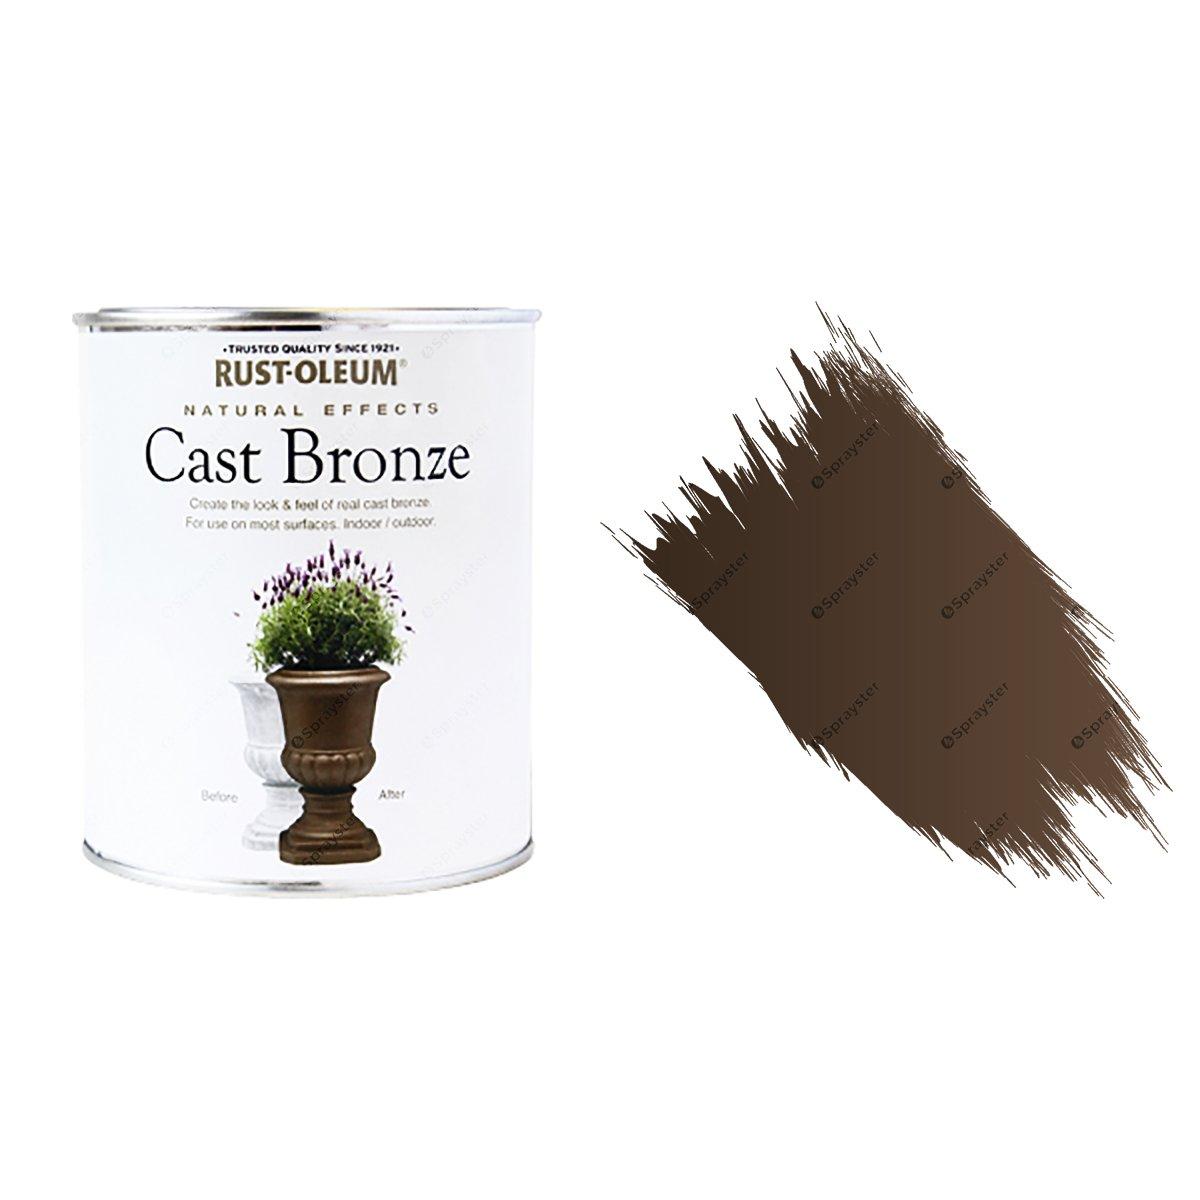 Rust-Oleum-All-Surface-Self-Primer-Paint-Natural-Effects-Bronze-Matt